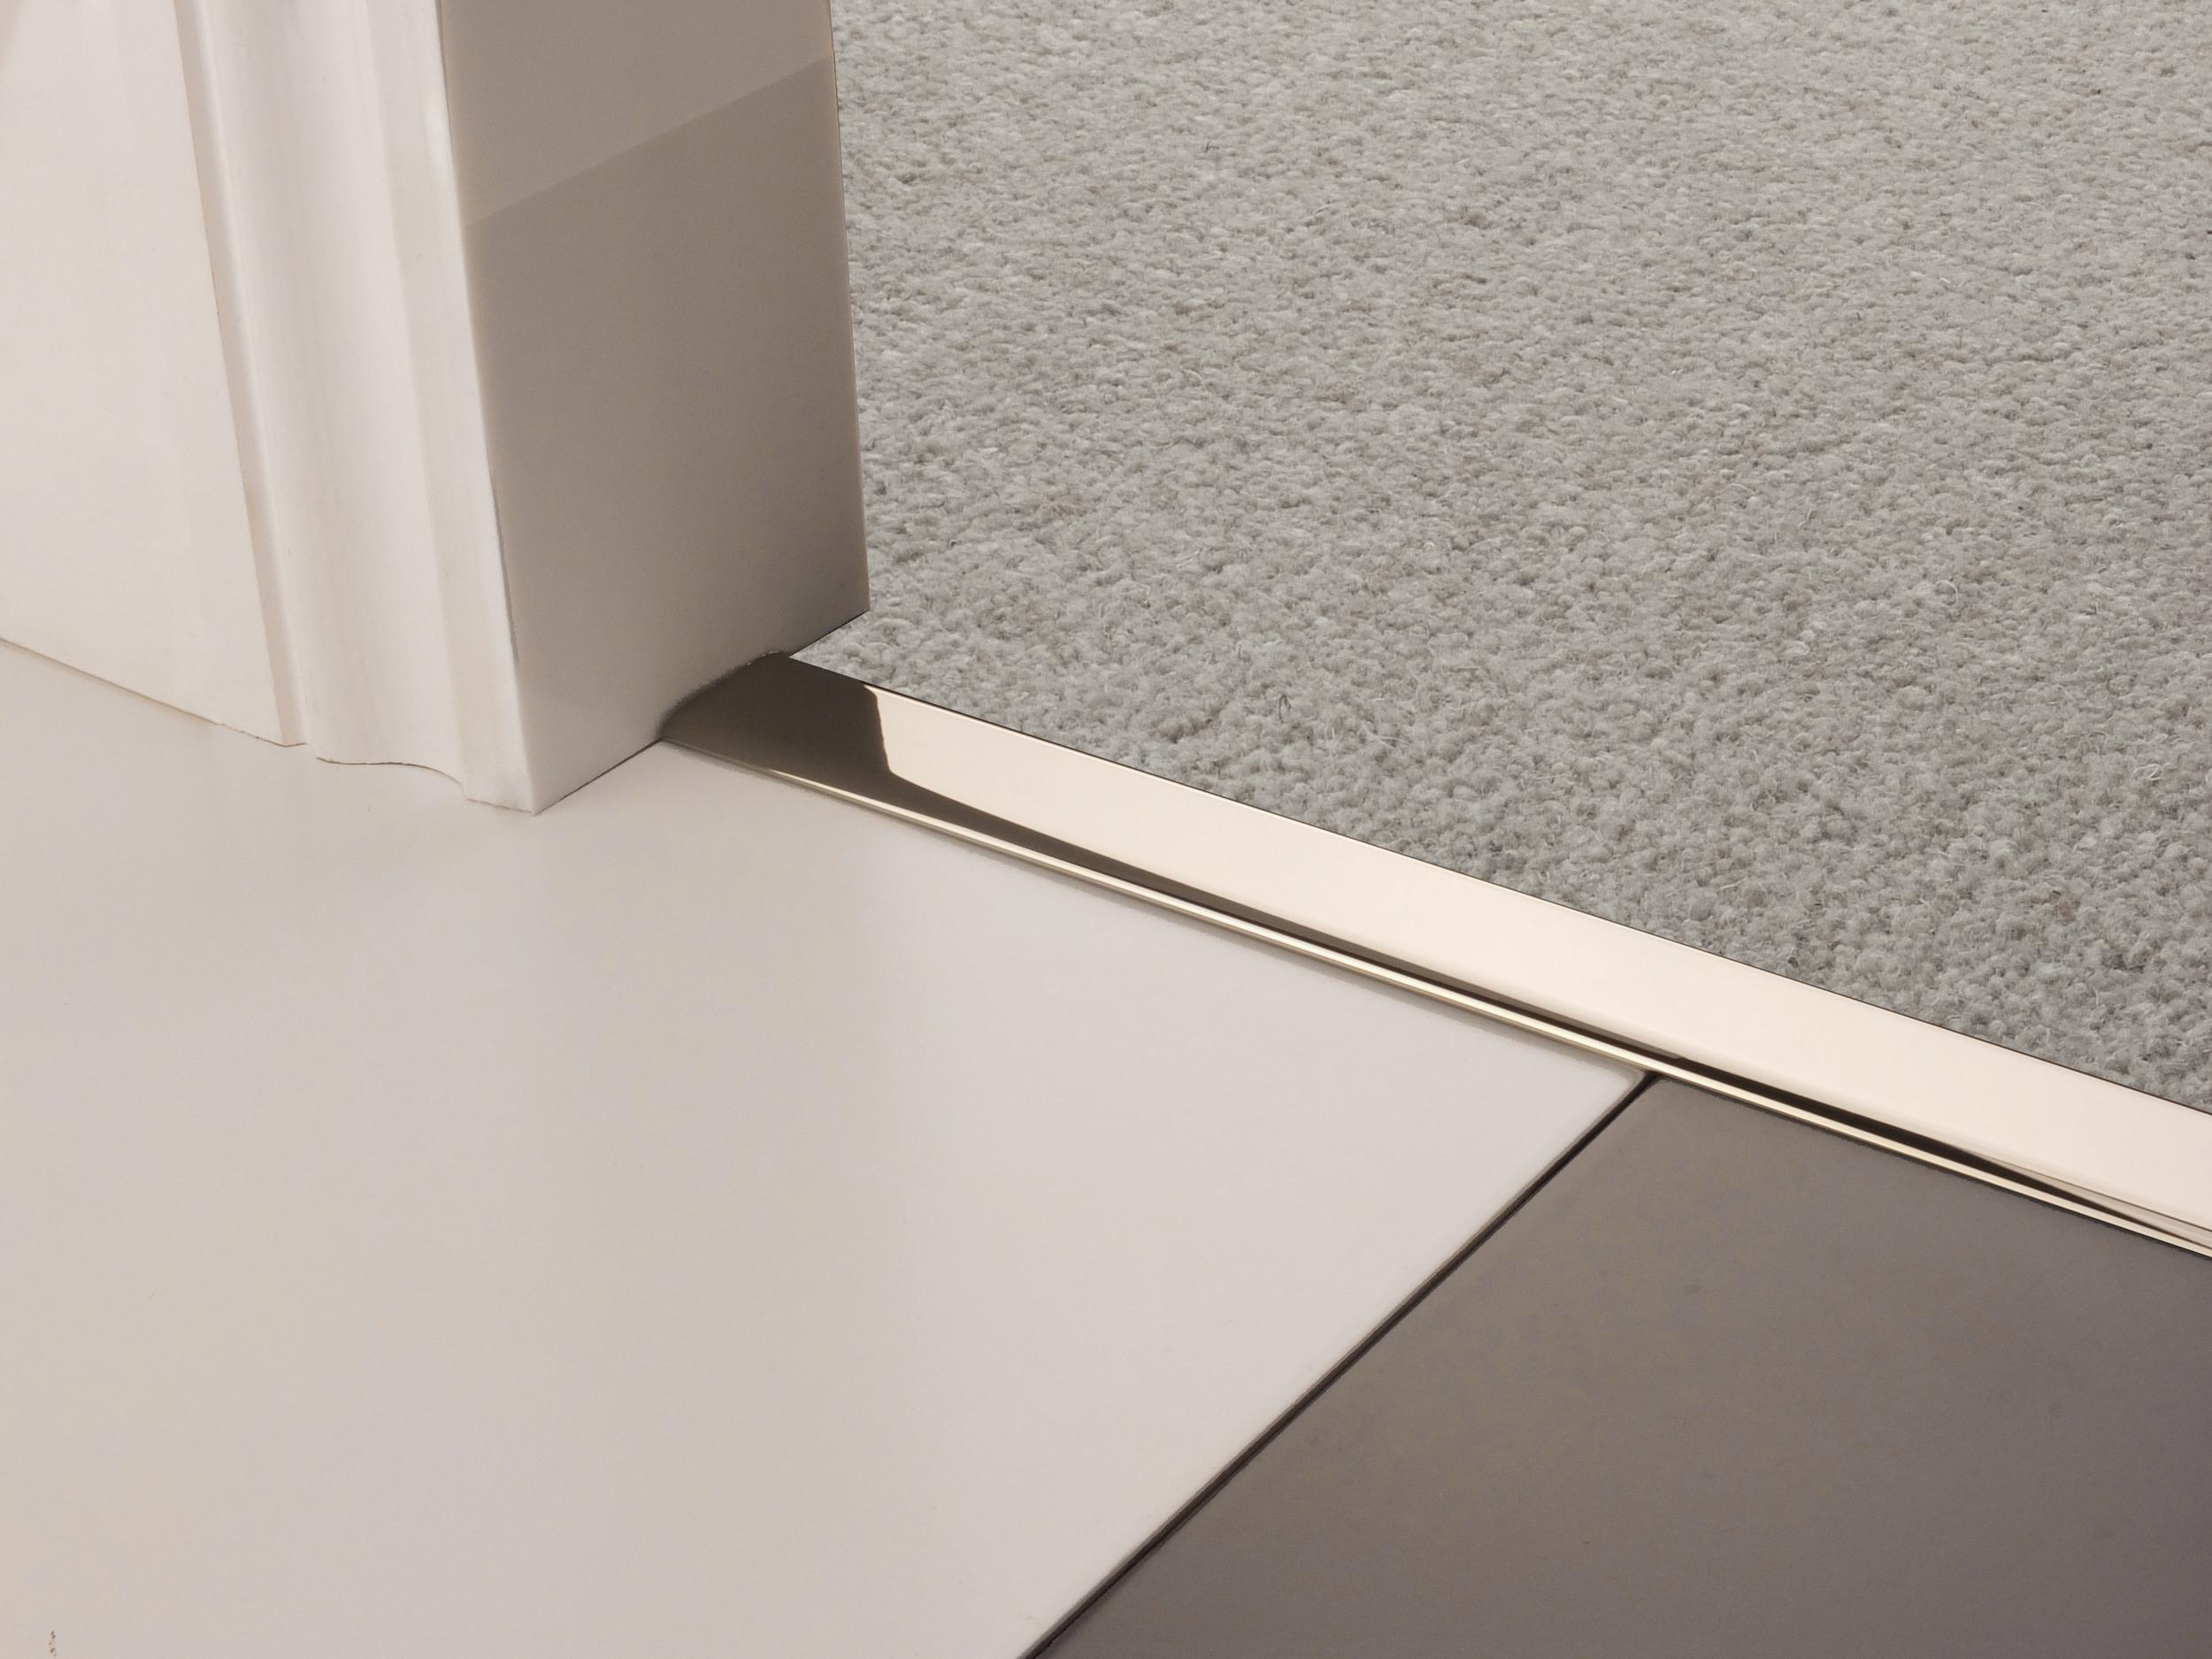 stairrods-doorbar-polished-nickel-ztrim.jpg